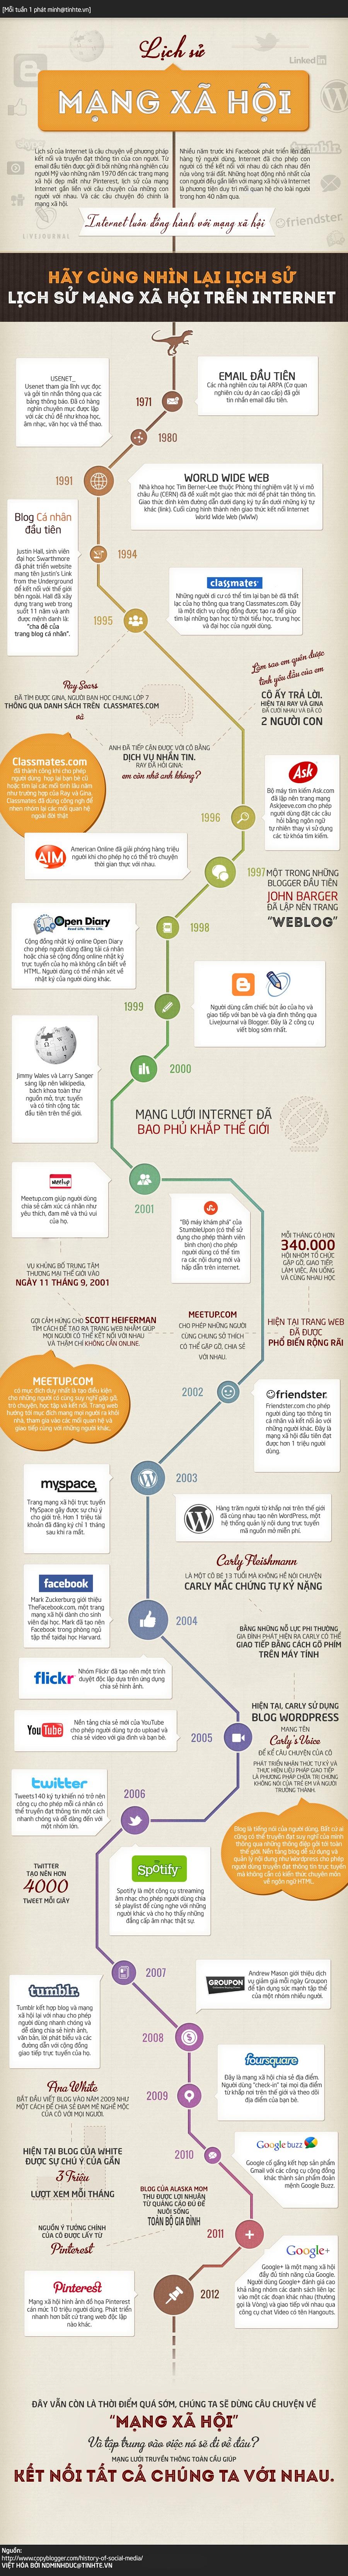 Infographic - Lịch sử phát triển của Mạng Xã HỘi